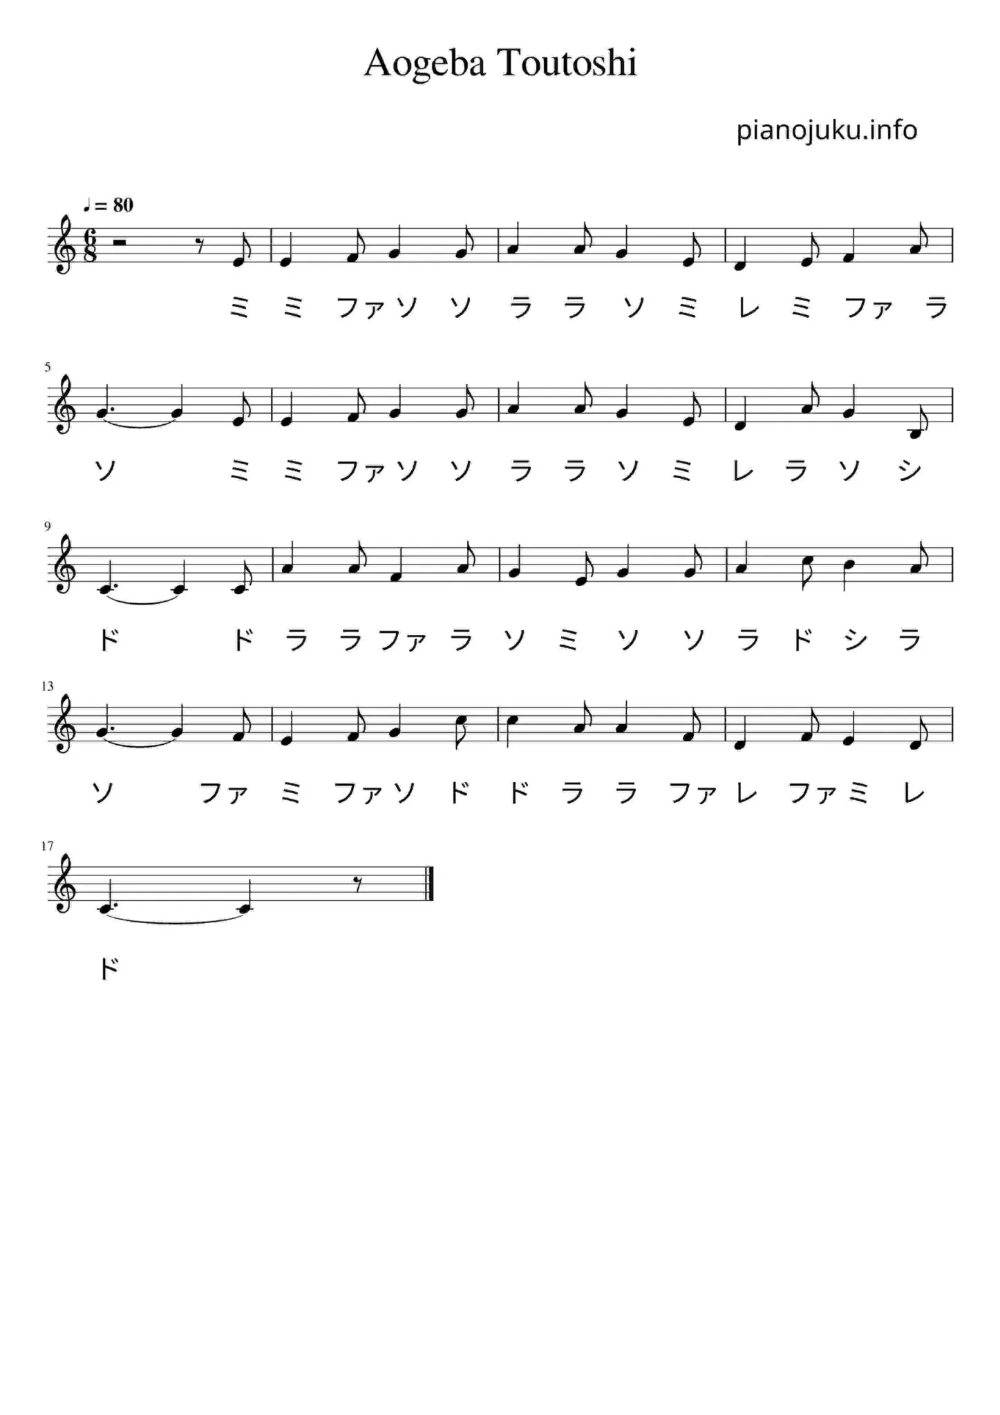 ドレミ付きあり無料楽譜 童謡 仰げば尊し ピアノ塾 2020 仰げば尊し 楽譜 無料楽譜